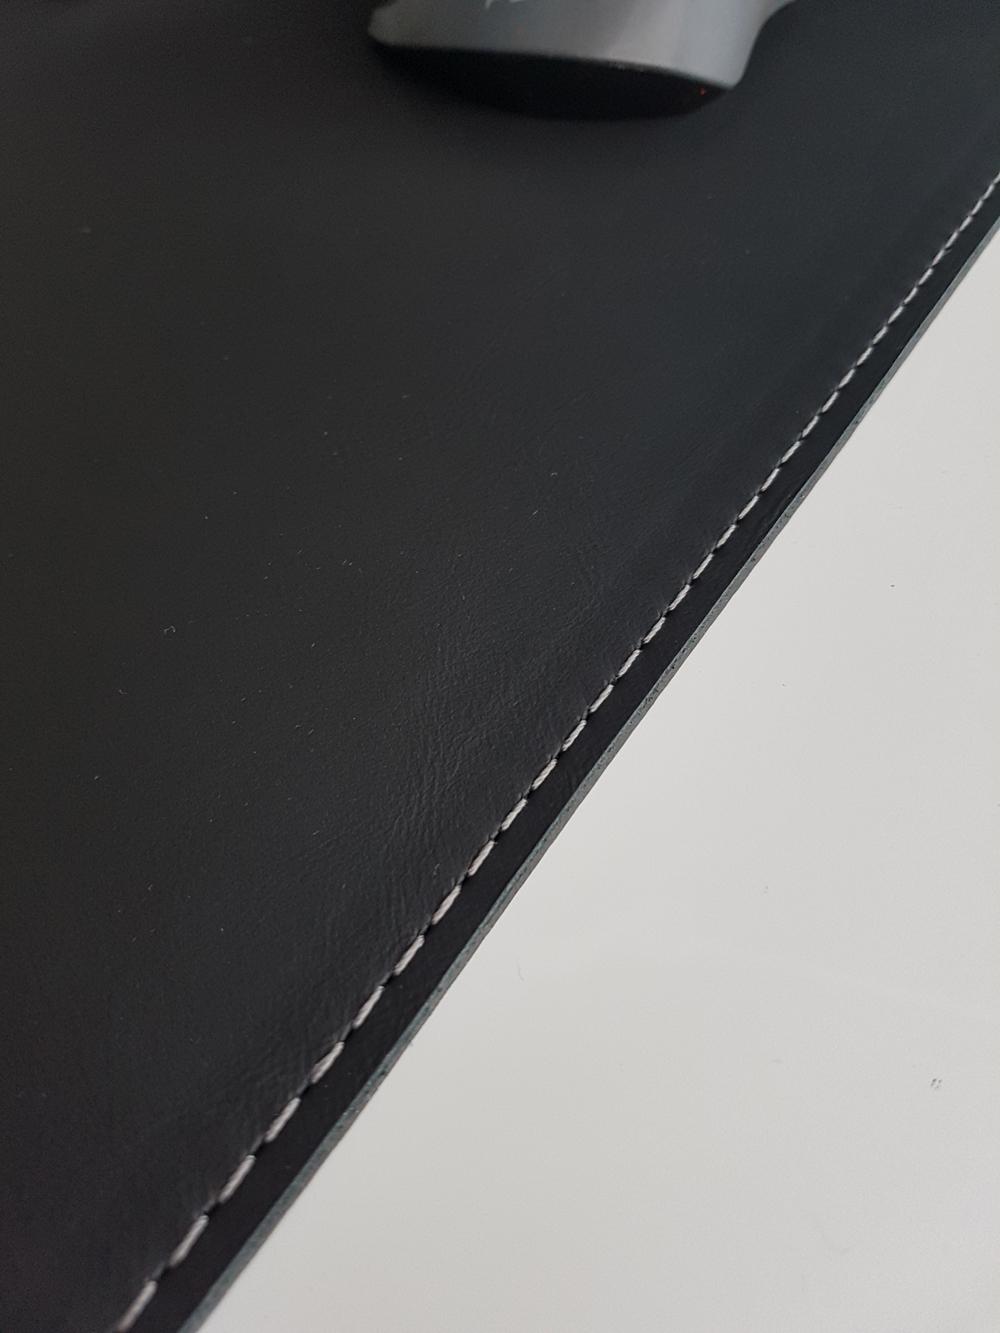 schreibtischunterlage echt leder 90 x 50 schwarz mit. Black Bedroom Furniture Sets. Home Design Ideas